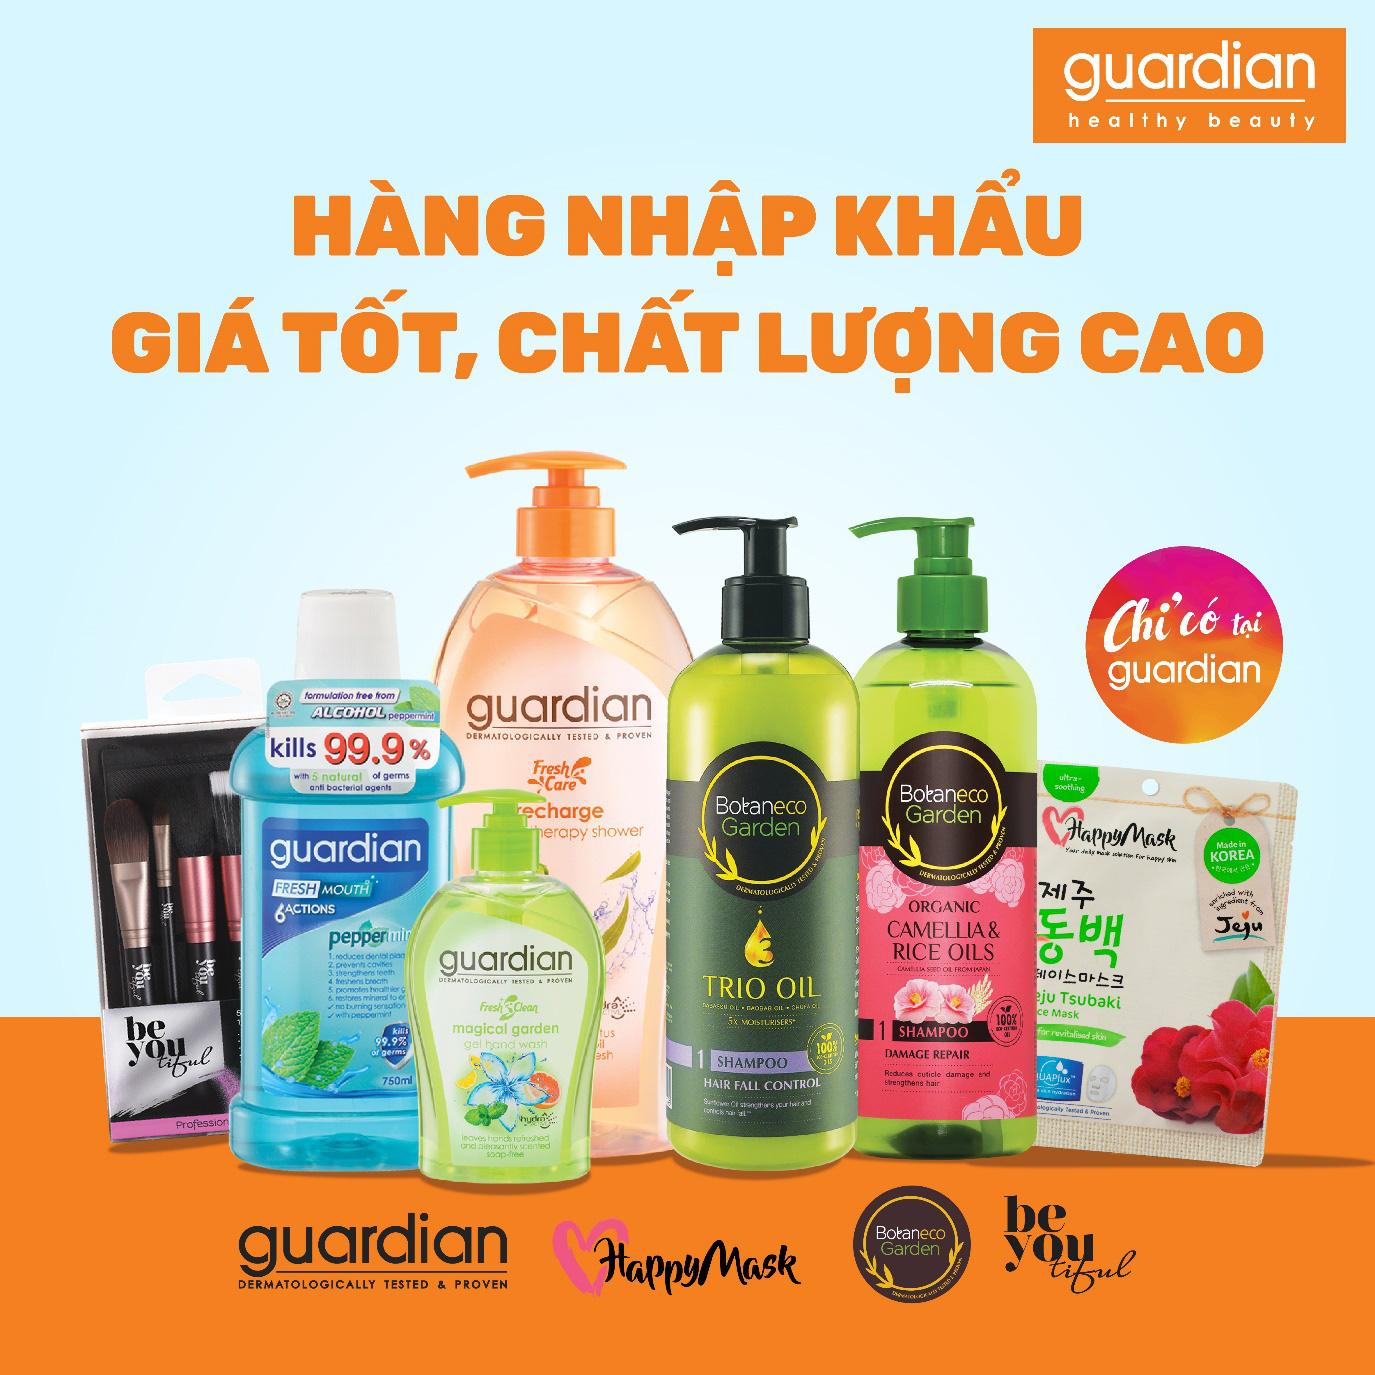 Hành trình kết nối những thương hiệu đình đám thế giới với người tiêu dùng Việt của Guardian - Ảnh 3.